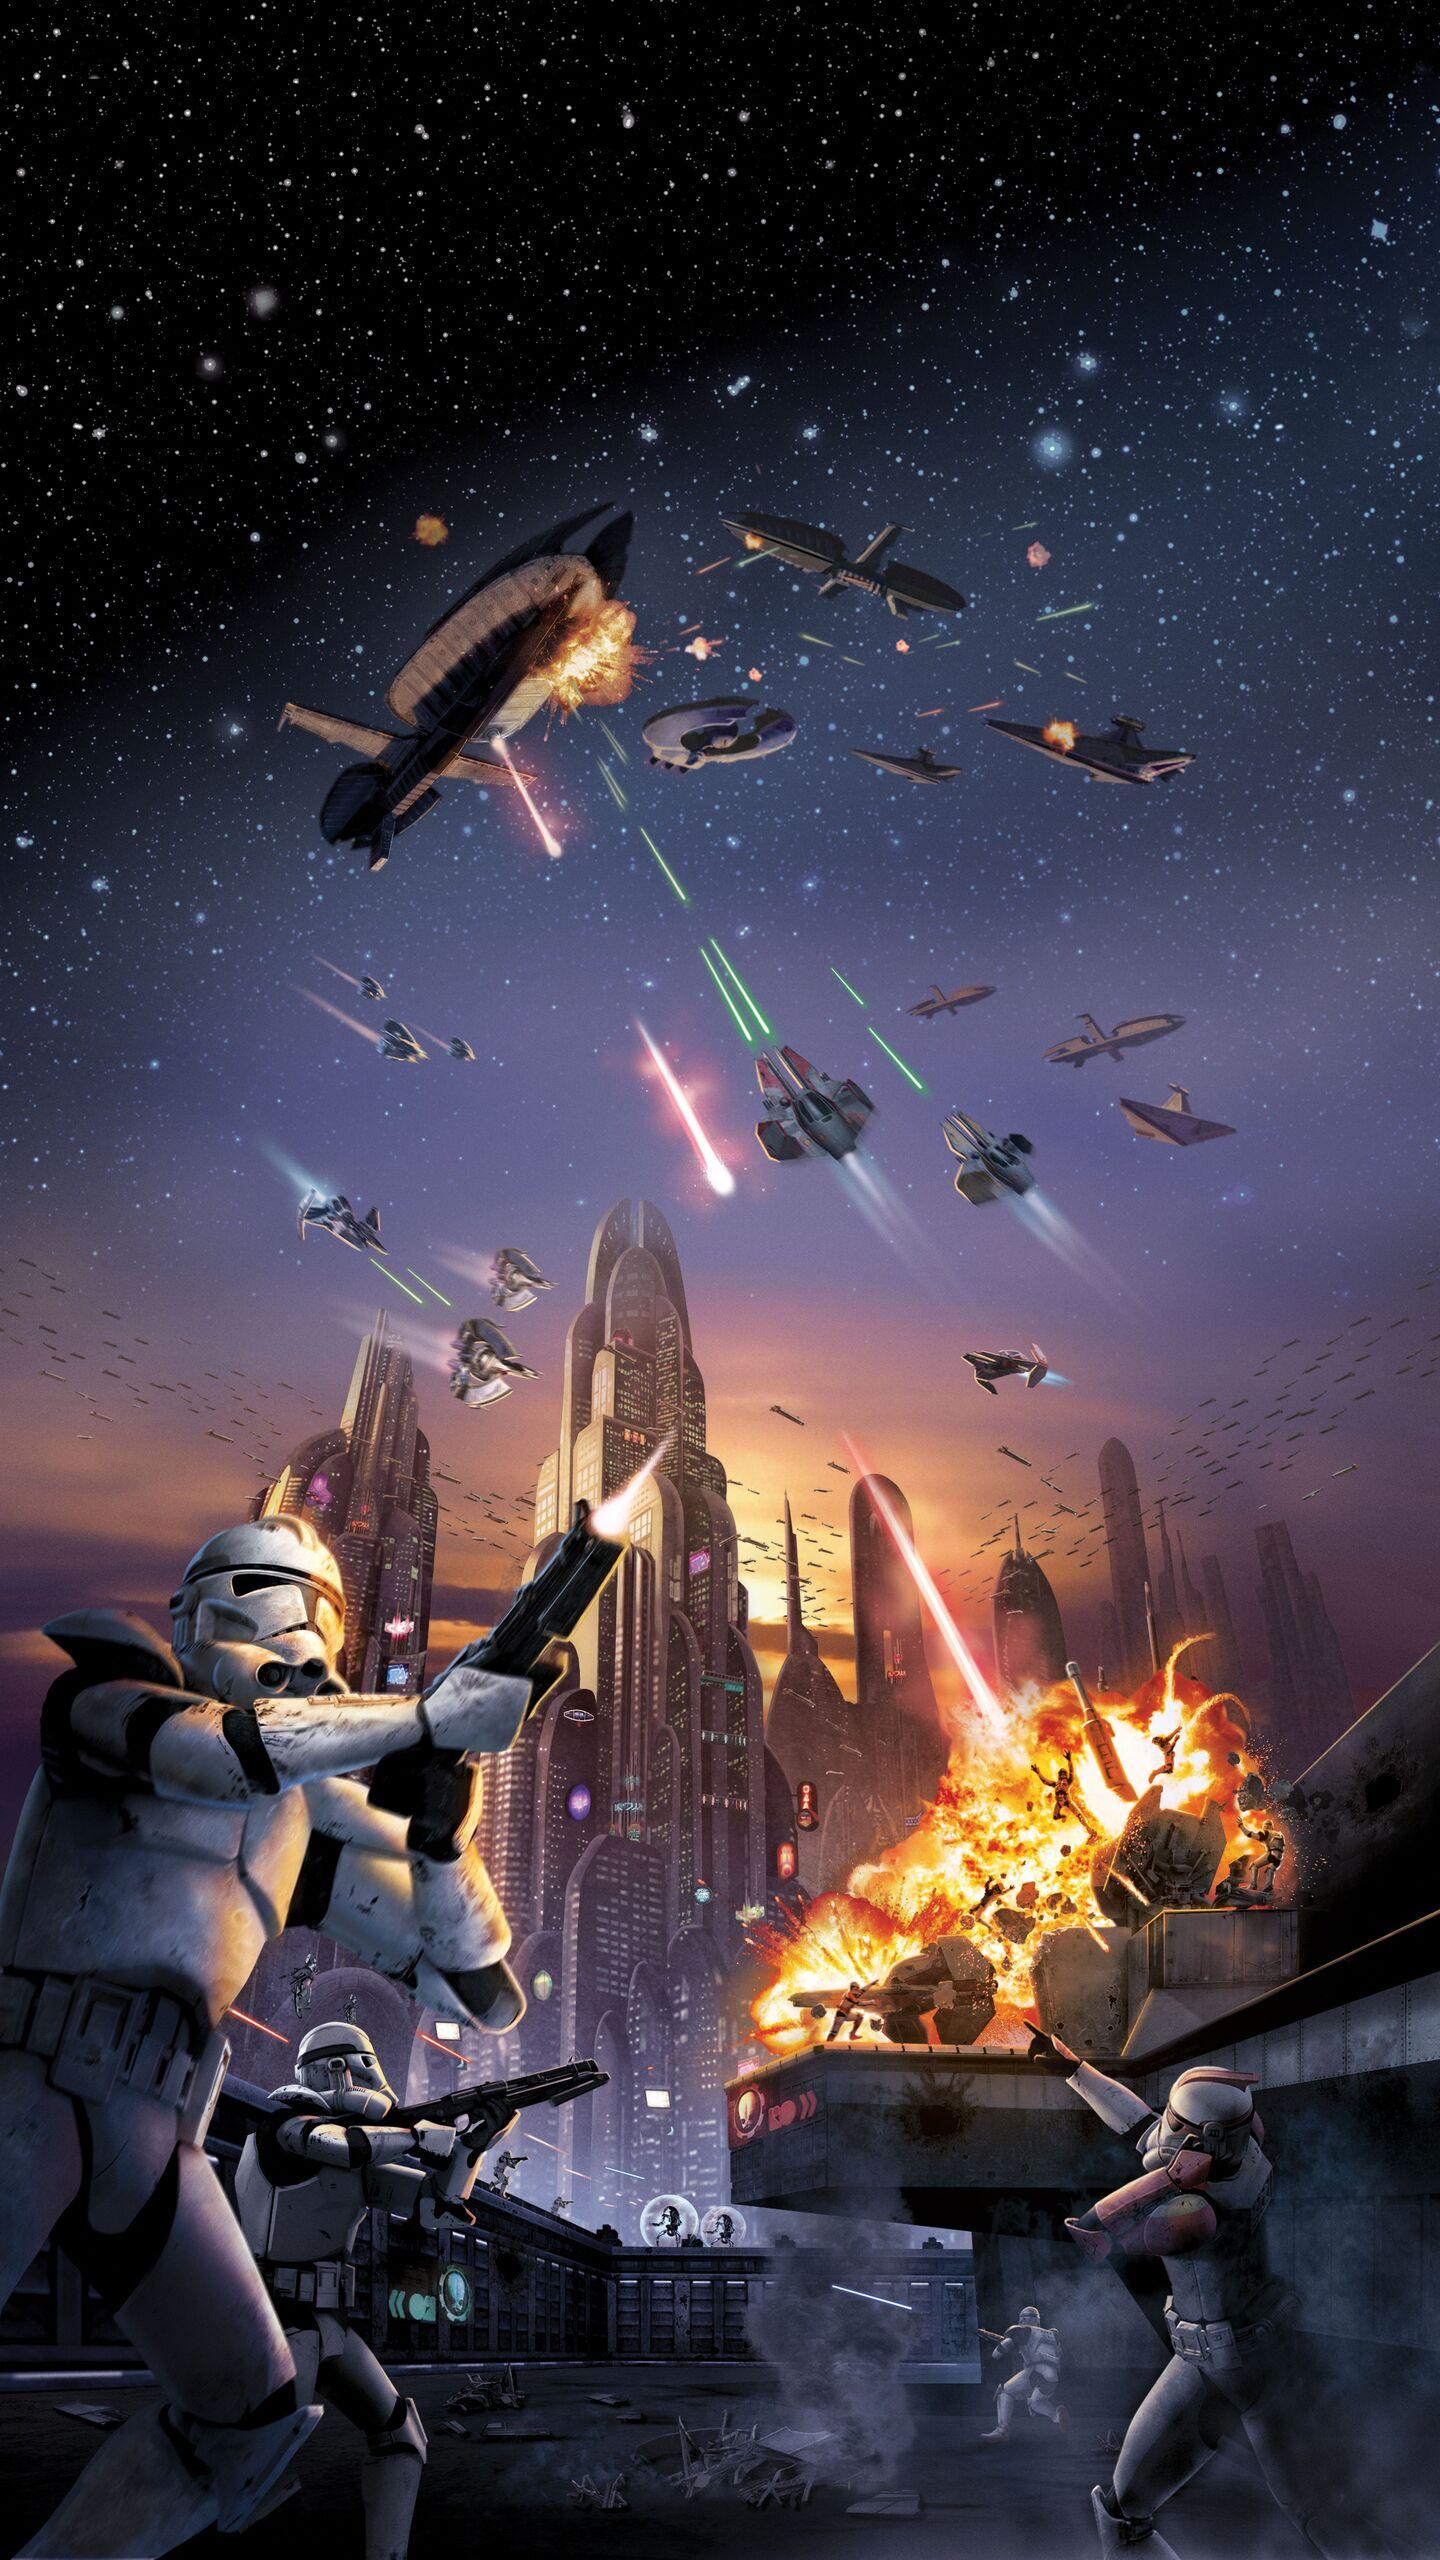 1440x2560 Star Wars Battlefront 2 4k Samsung Galaxy S6,S7 ...